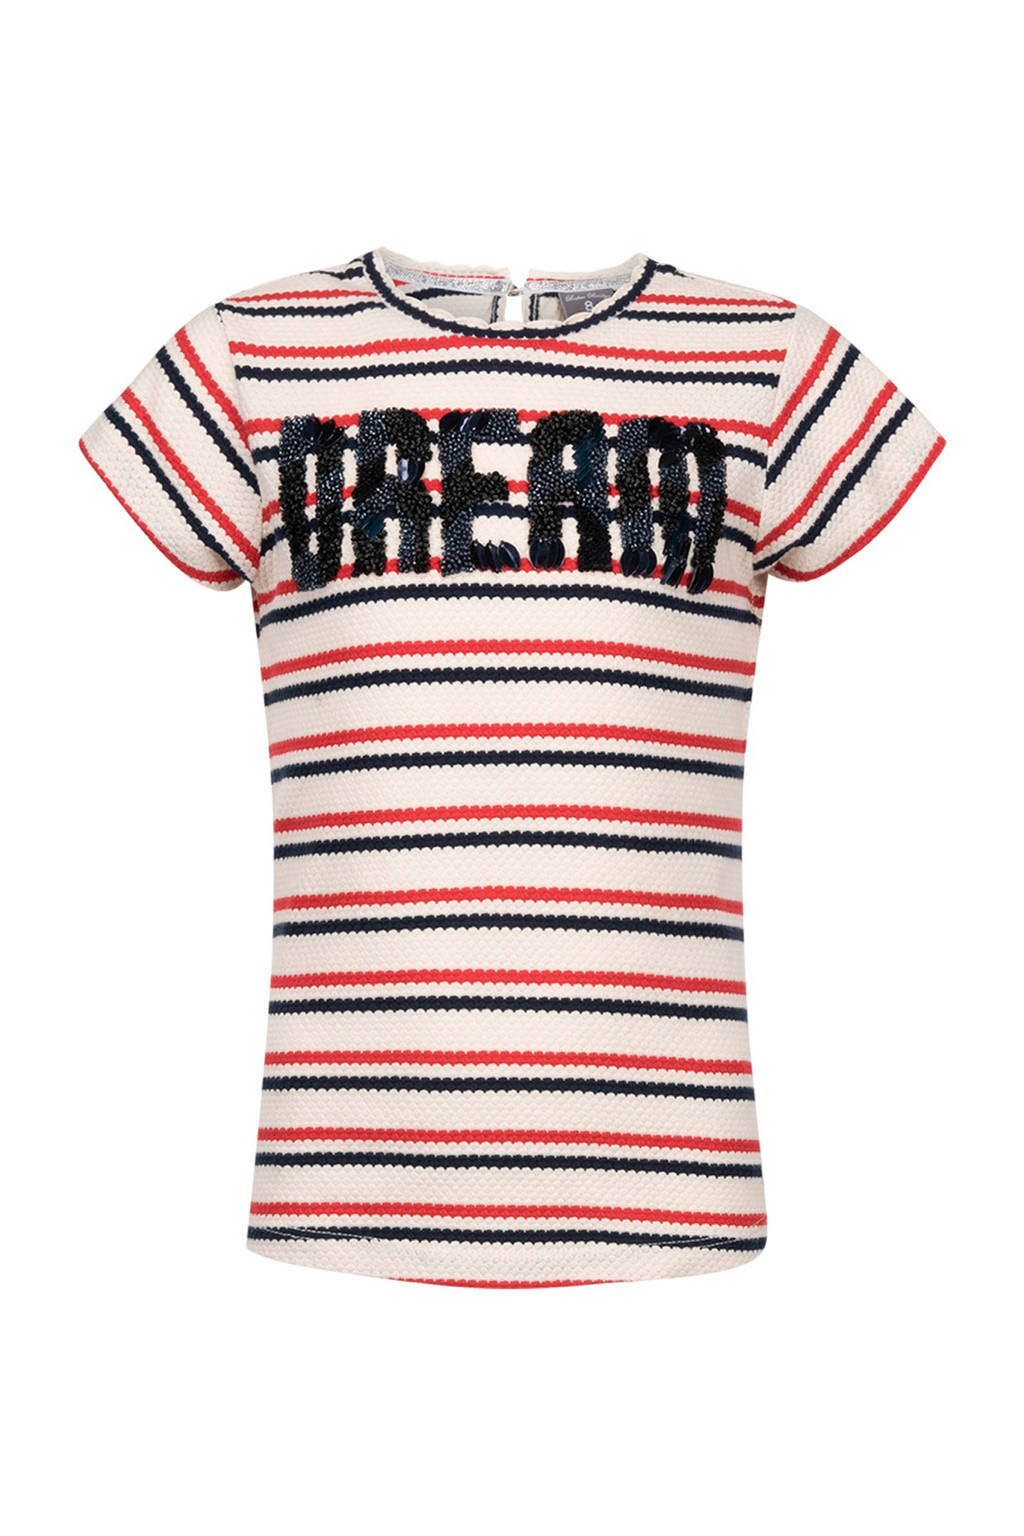 Baker Bridge gestreept T-shirt Touria met kraaltjes ecru, Ecru/rood/zwart